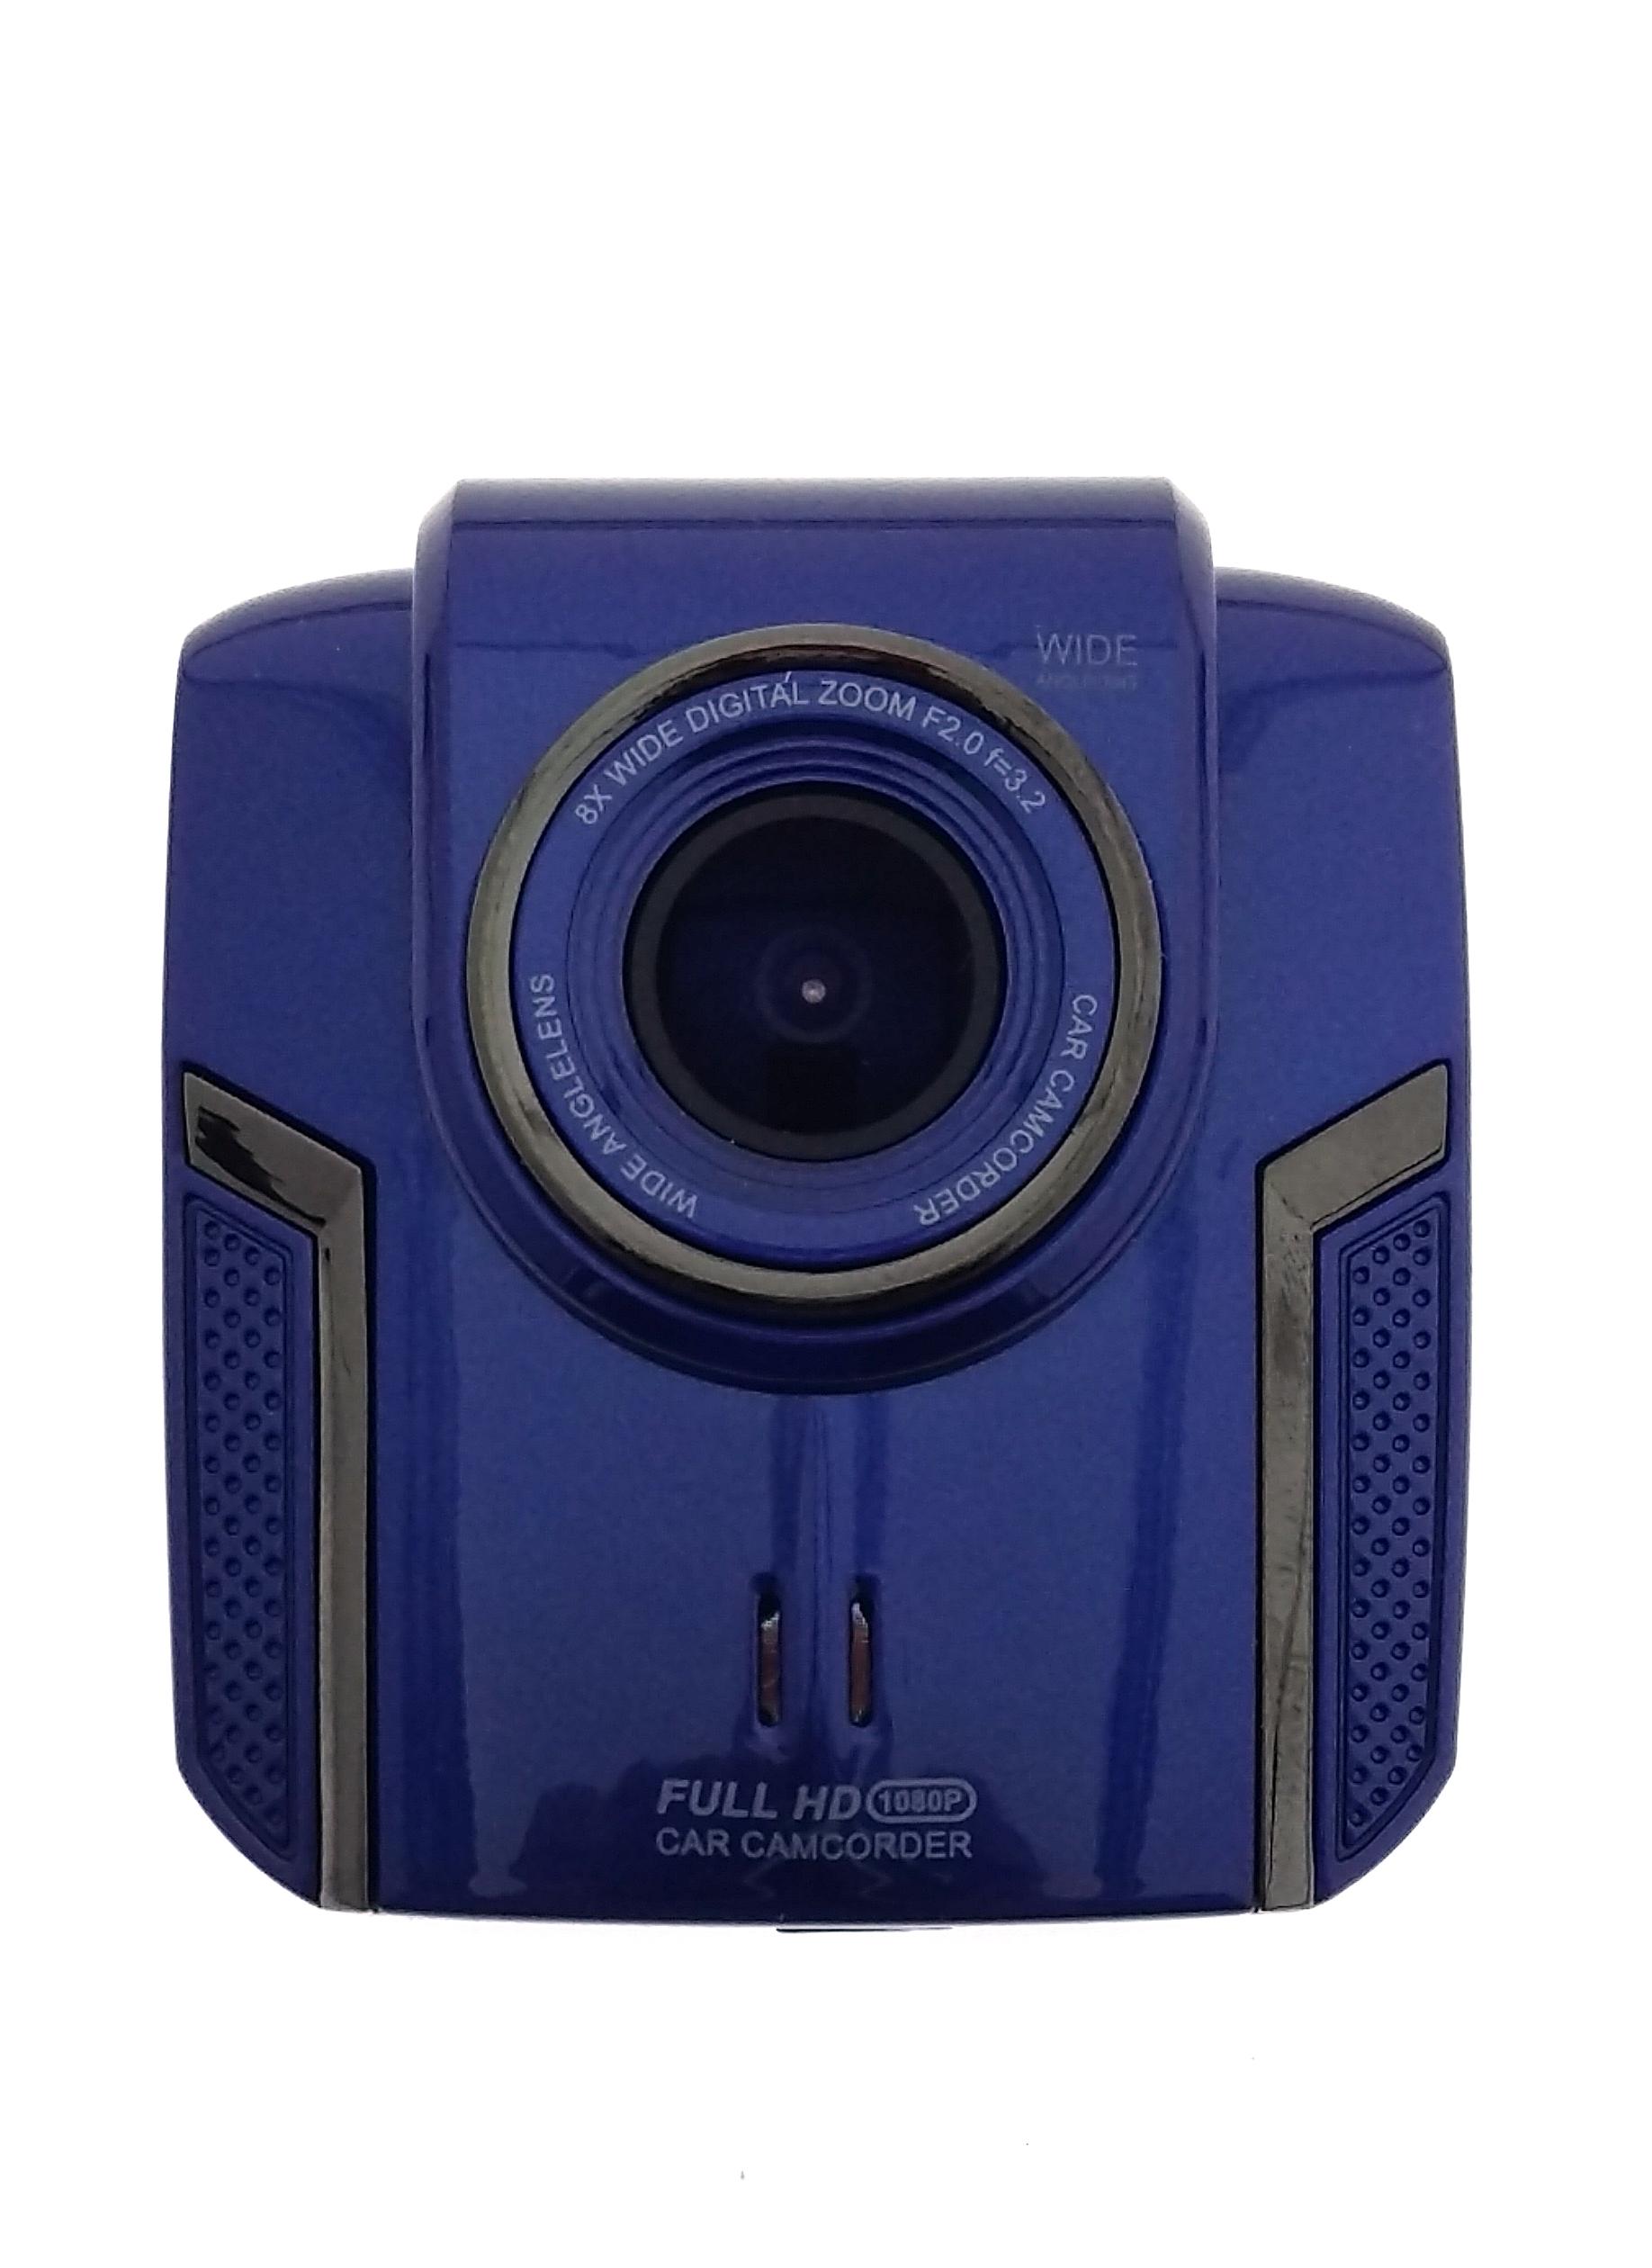 กล้องติดรถยนต์ ภาพชัดระดับ HD สีน้ำเงิน รุ่น AM310